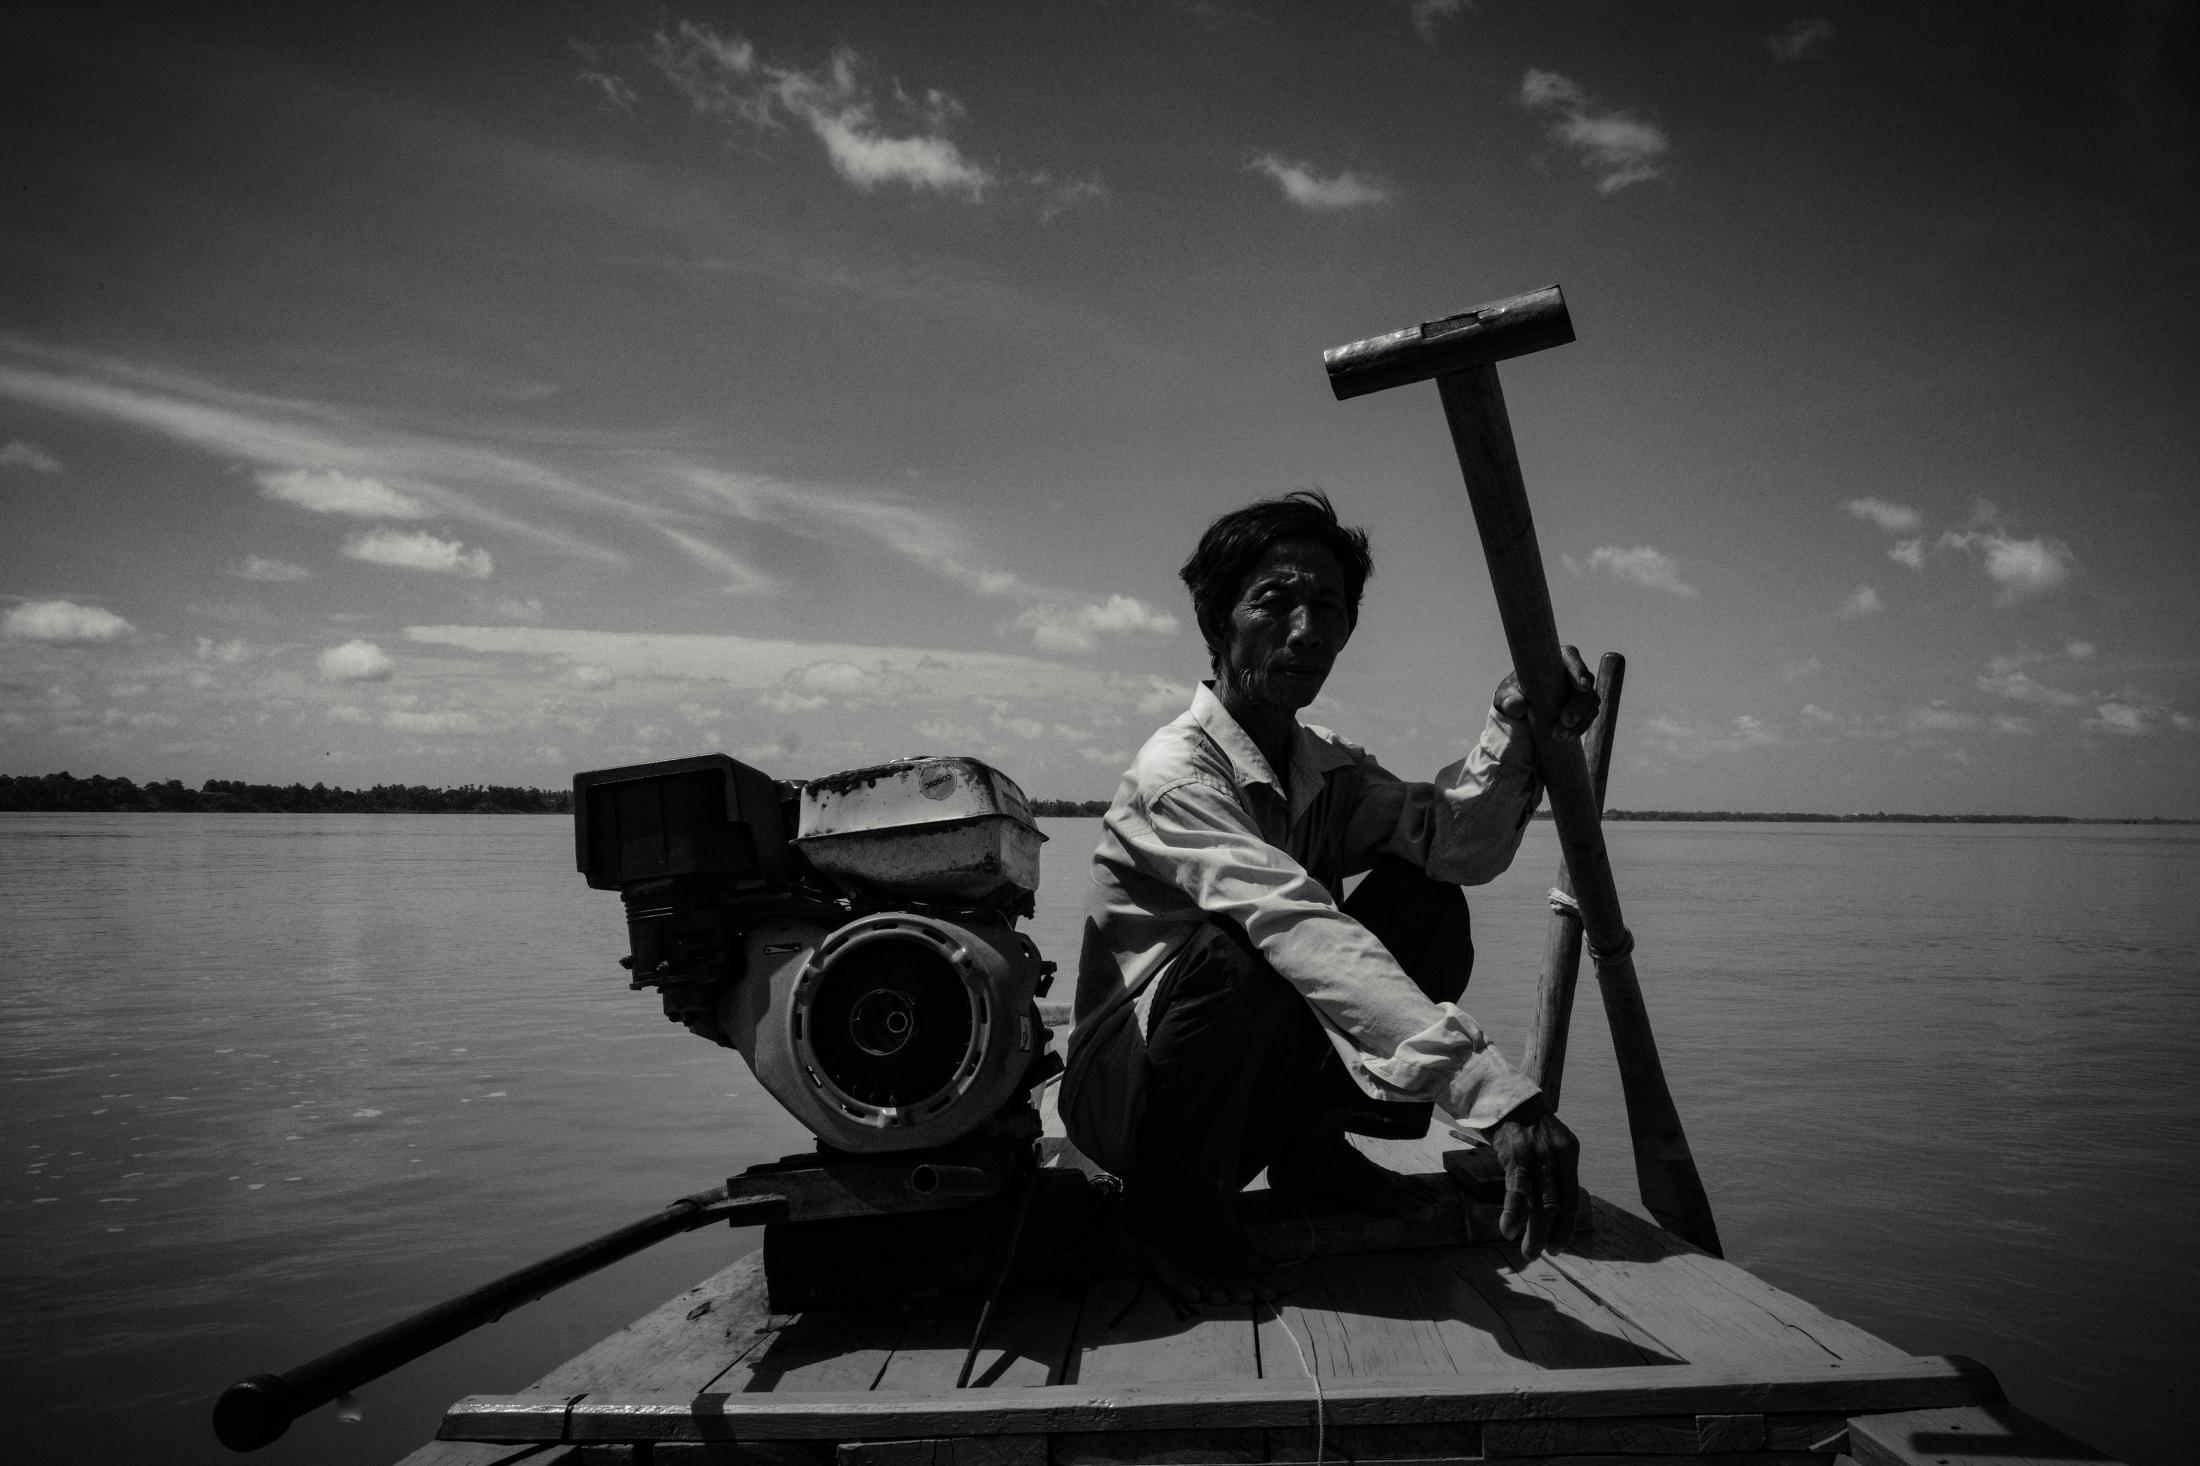 <p>River Guide, Kratie, Cambodia</p>